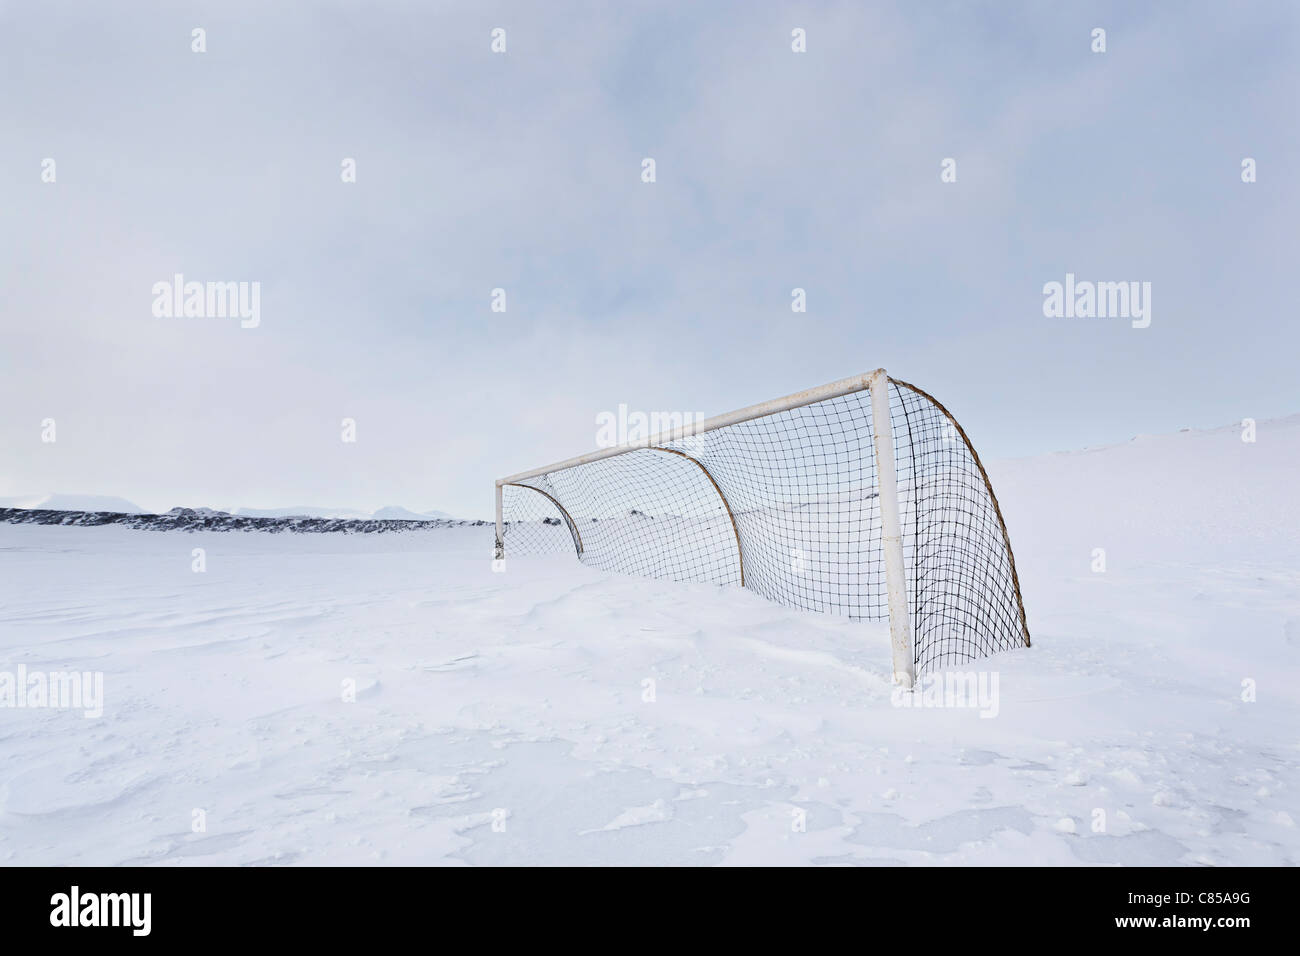 Filet de hockey dans le champ couvert de neige Photo Stock